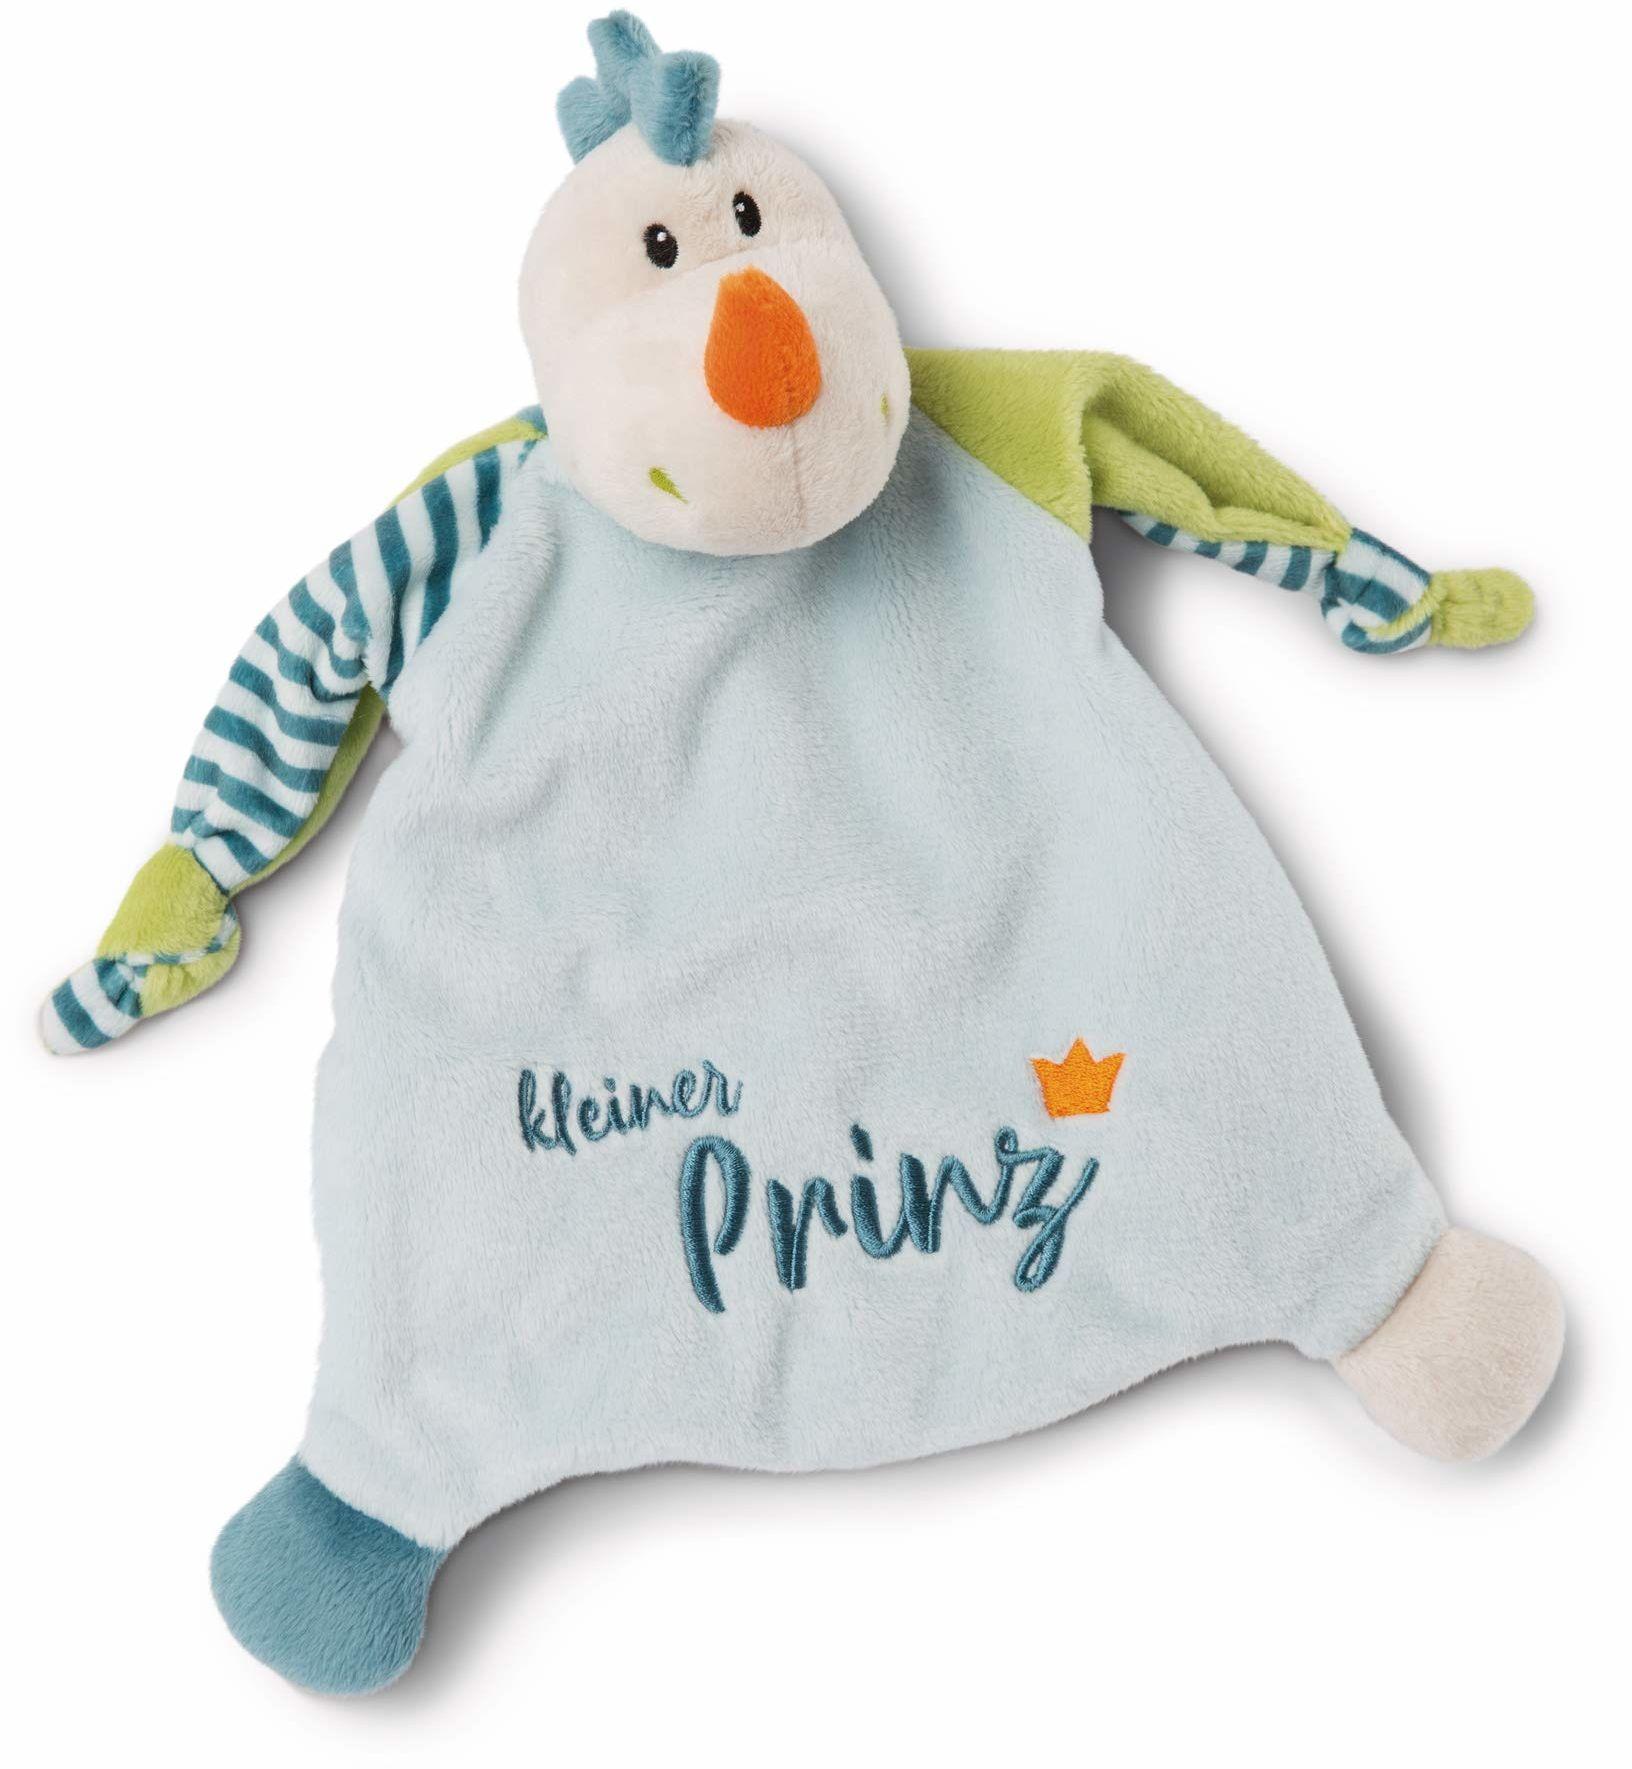 NICI 46734 smok mały książecz,25 x 25 cm od 0+ miesięcy  przytulanka dla niemowląt i małych dzieci  pluszak dla dzieci  ręcznik do przytulania dla dziewczynek i chłopców, niebiesko-zielony